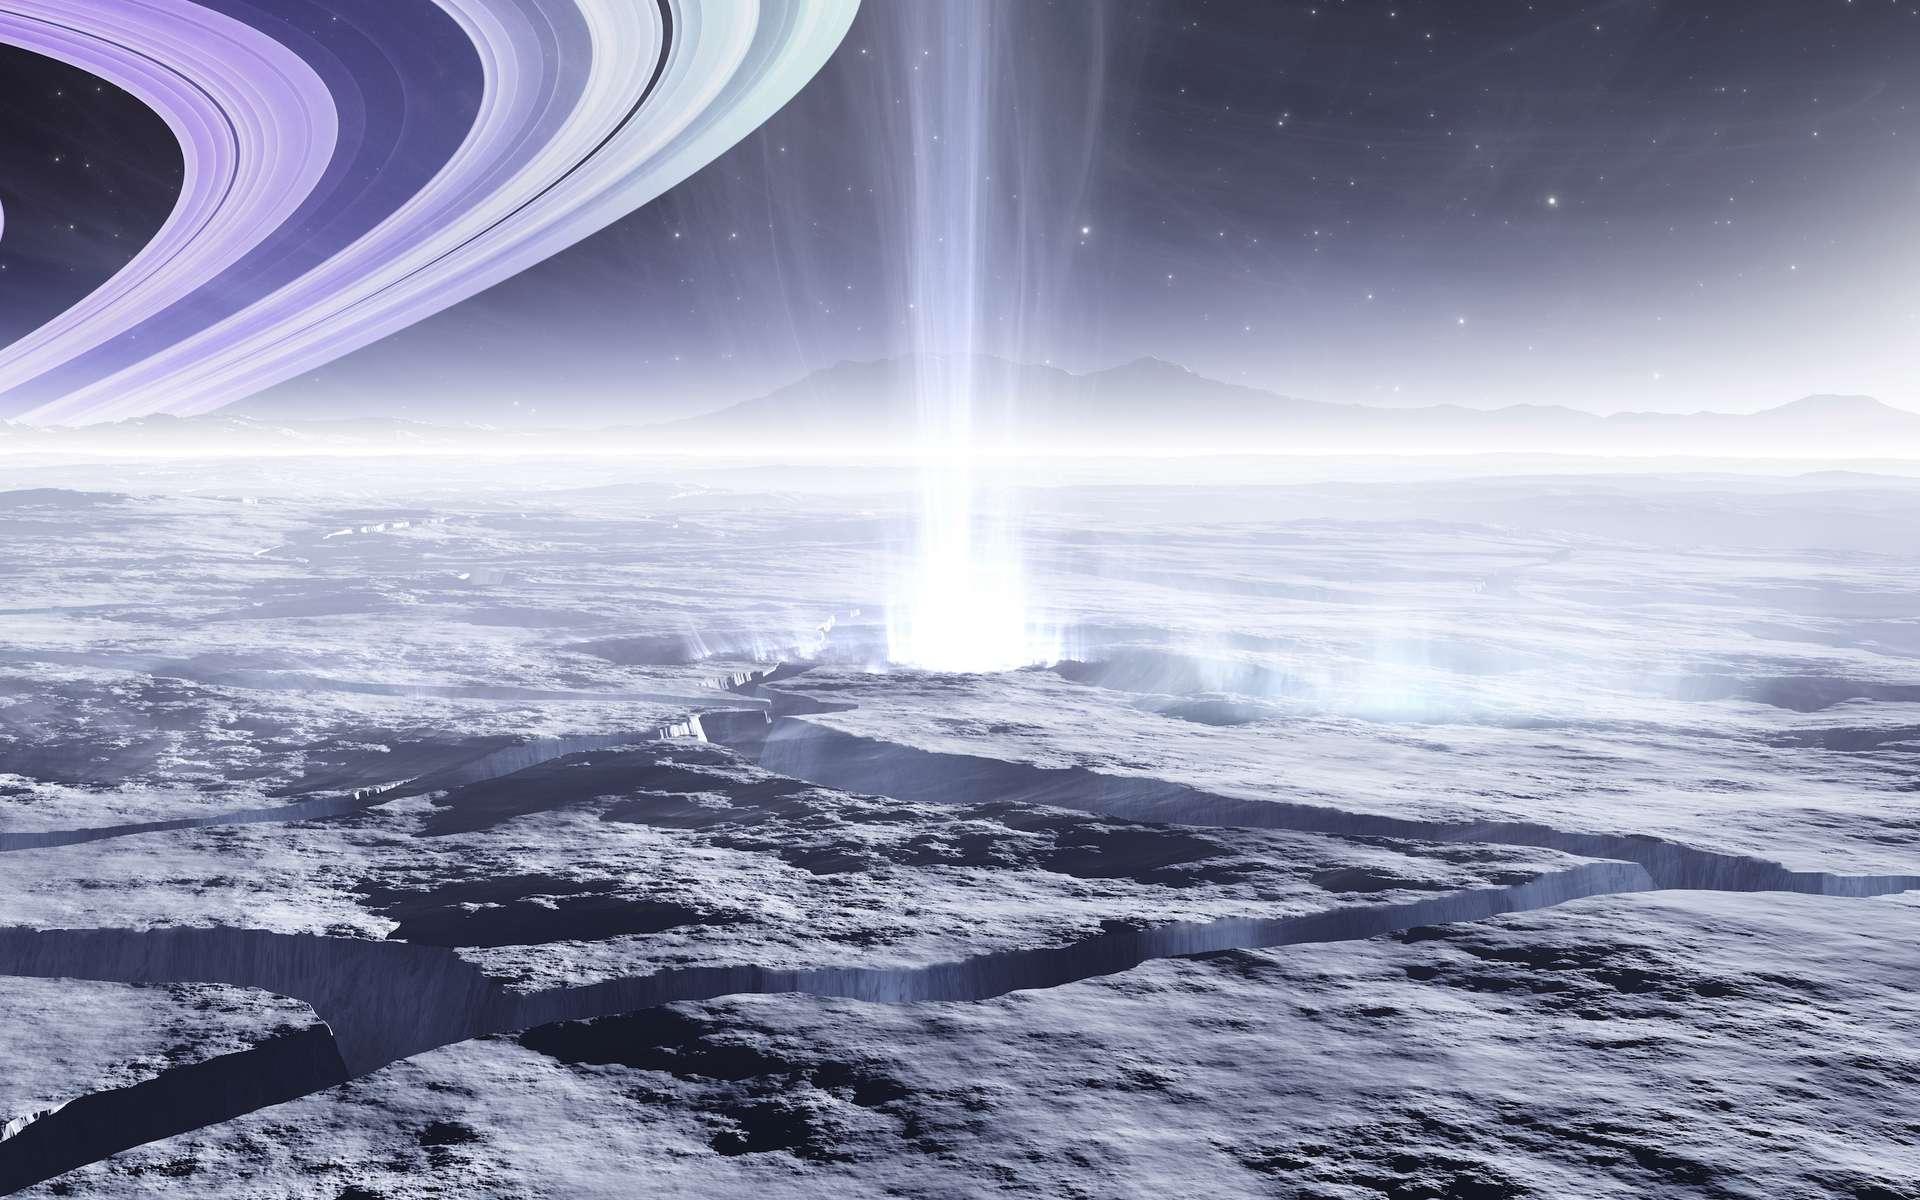 Illustration de la surface d'Encelade, lune couverte de glace. Des jets s'échappent de des fissures à sa surface. © Peter Jurik, Adobe Stock